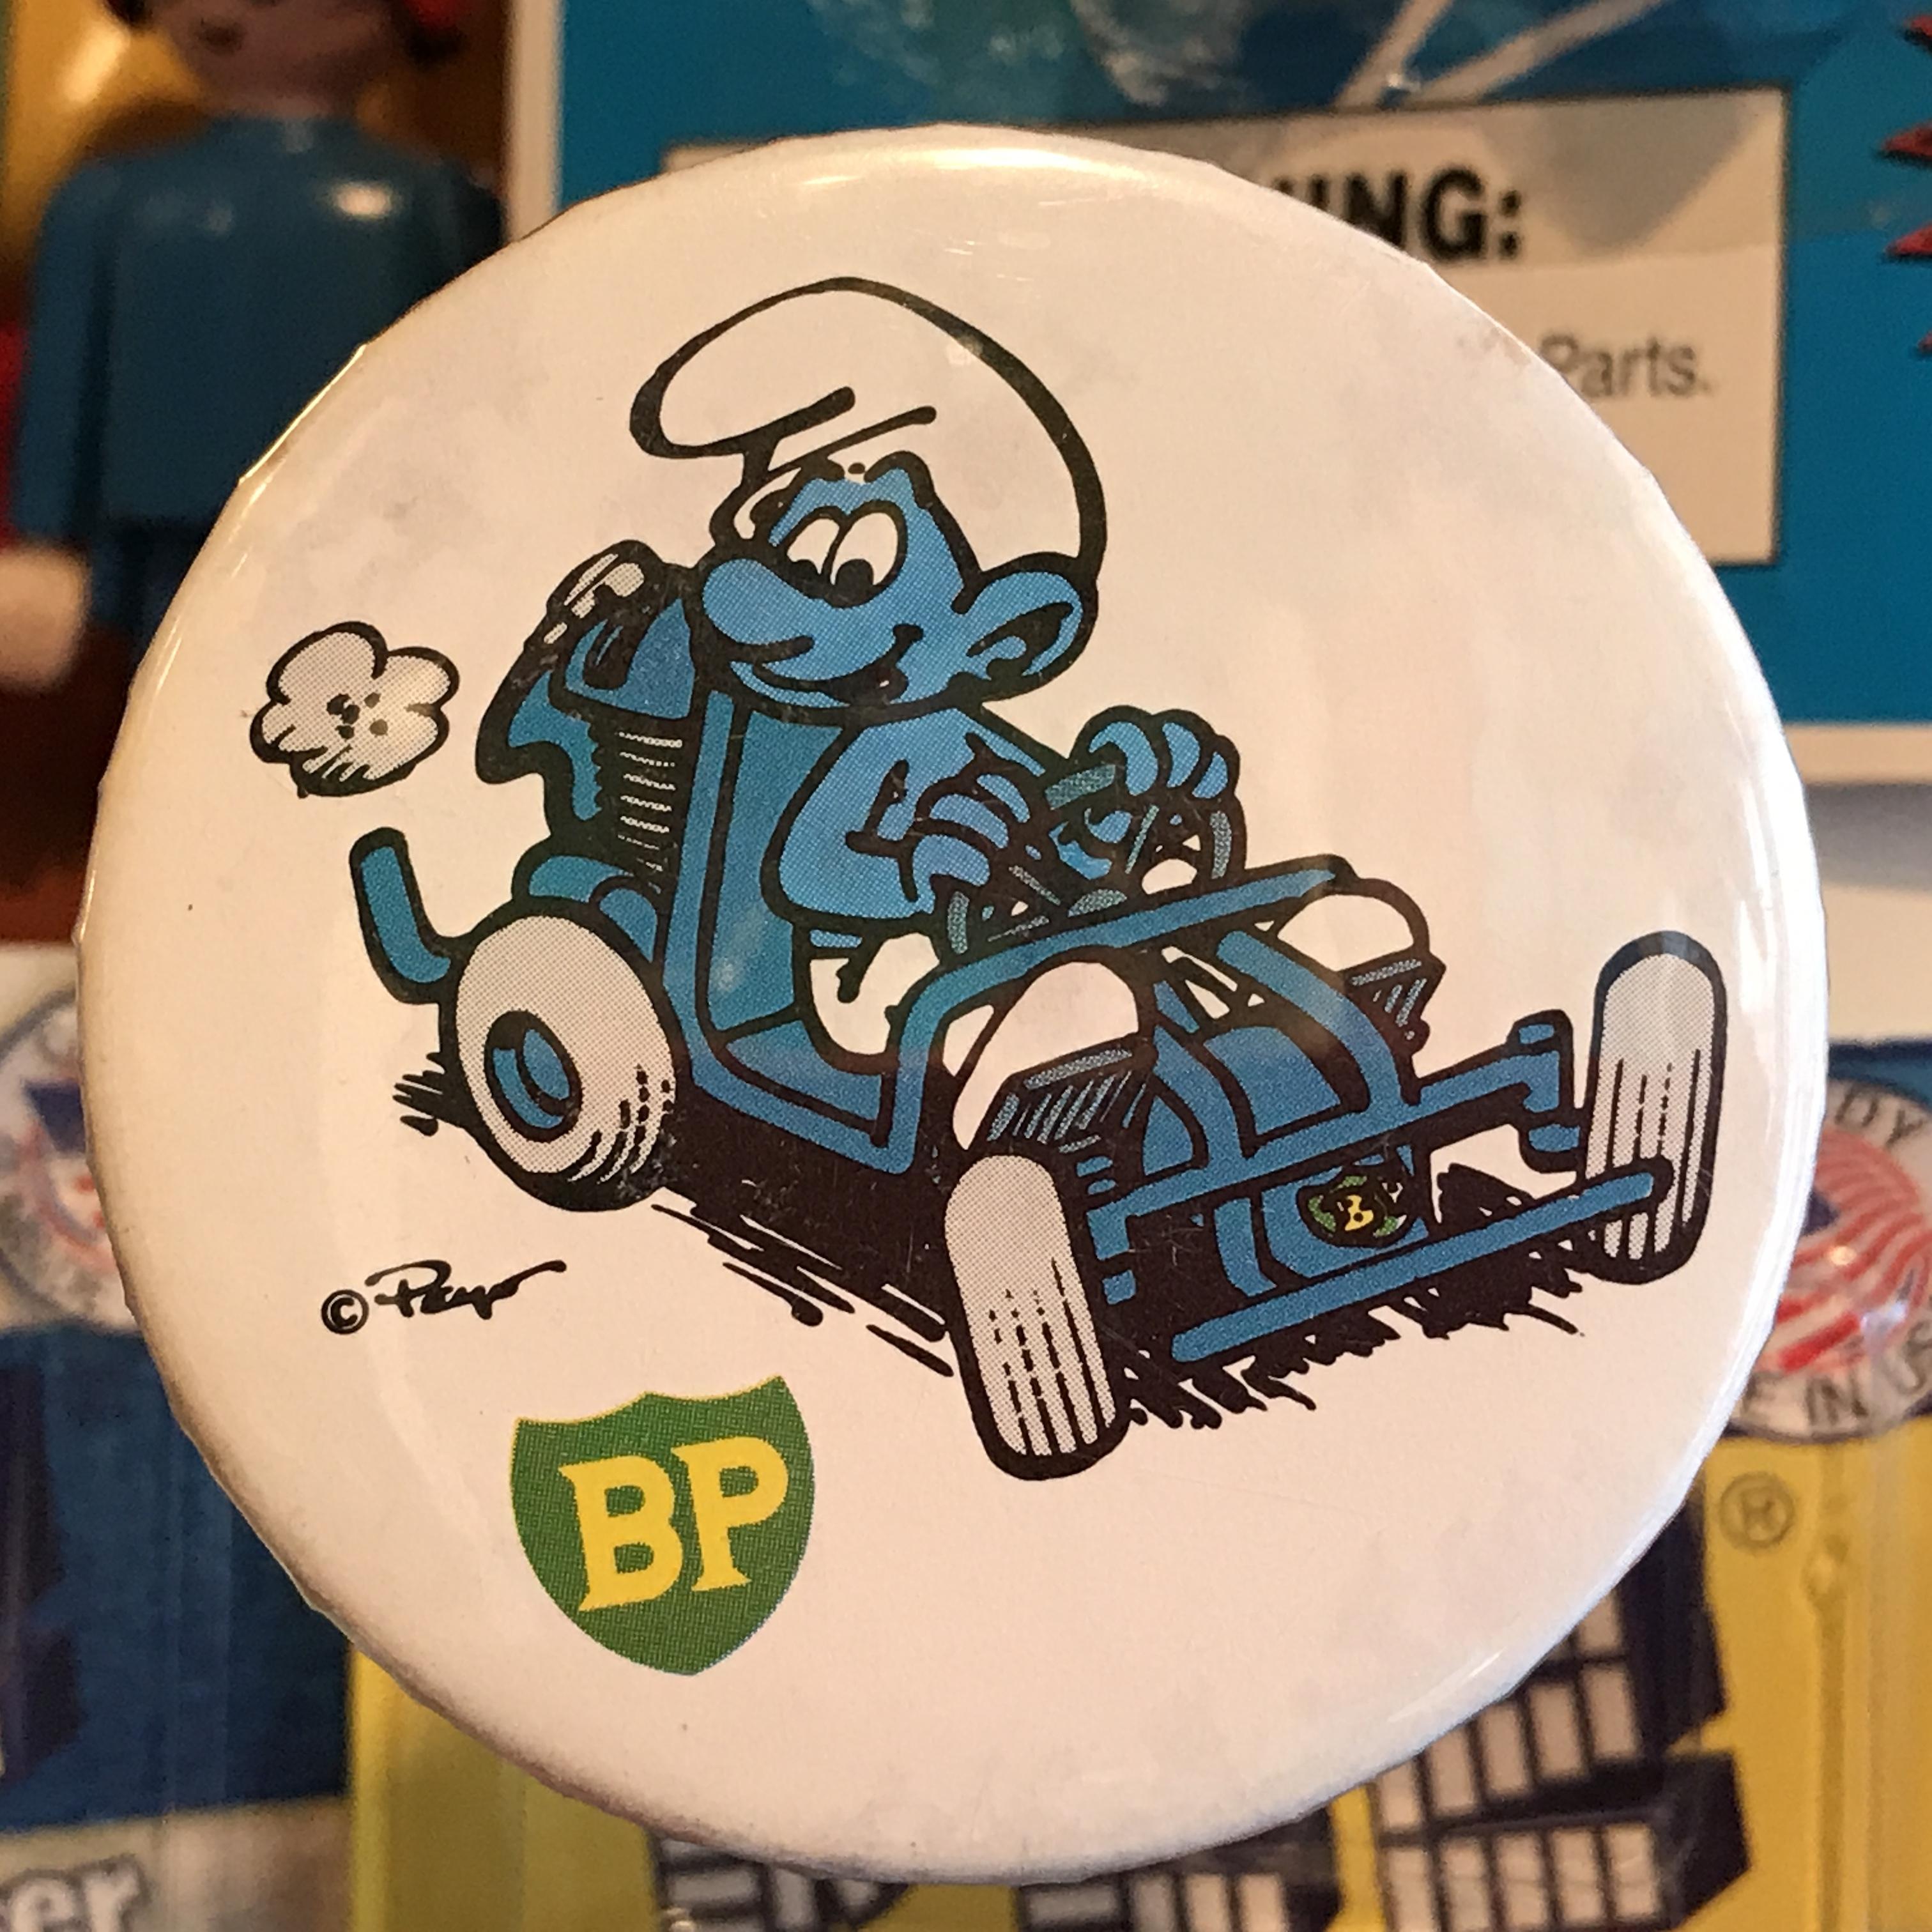 スマーフ 80's BP 企業物 オールド 缶バッジ バギーver.